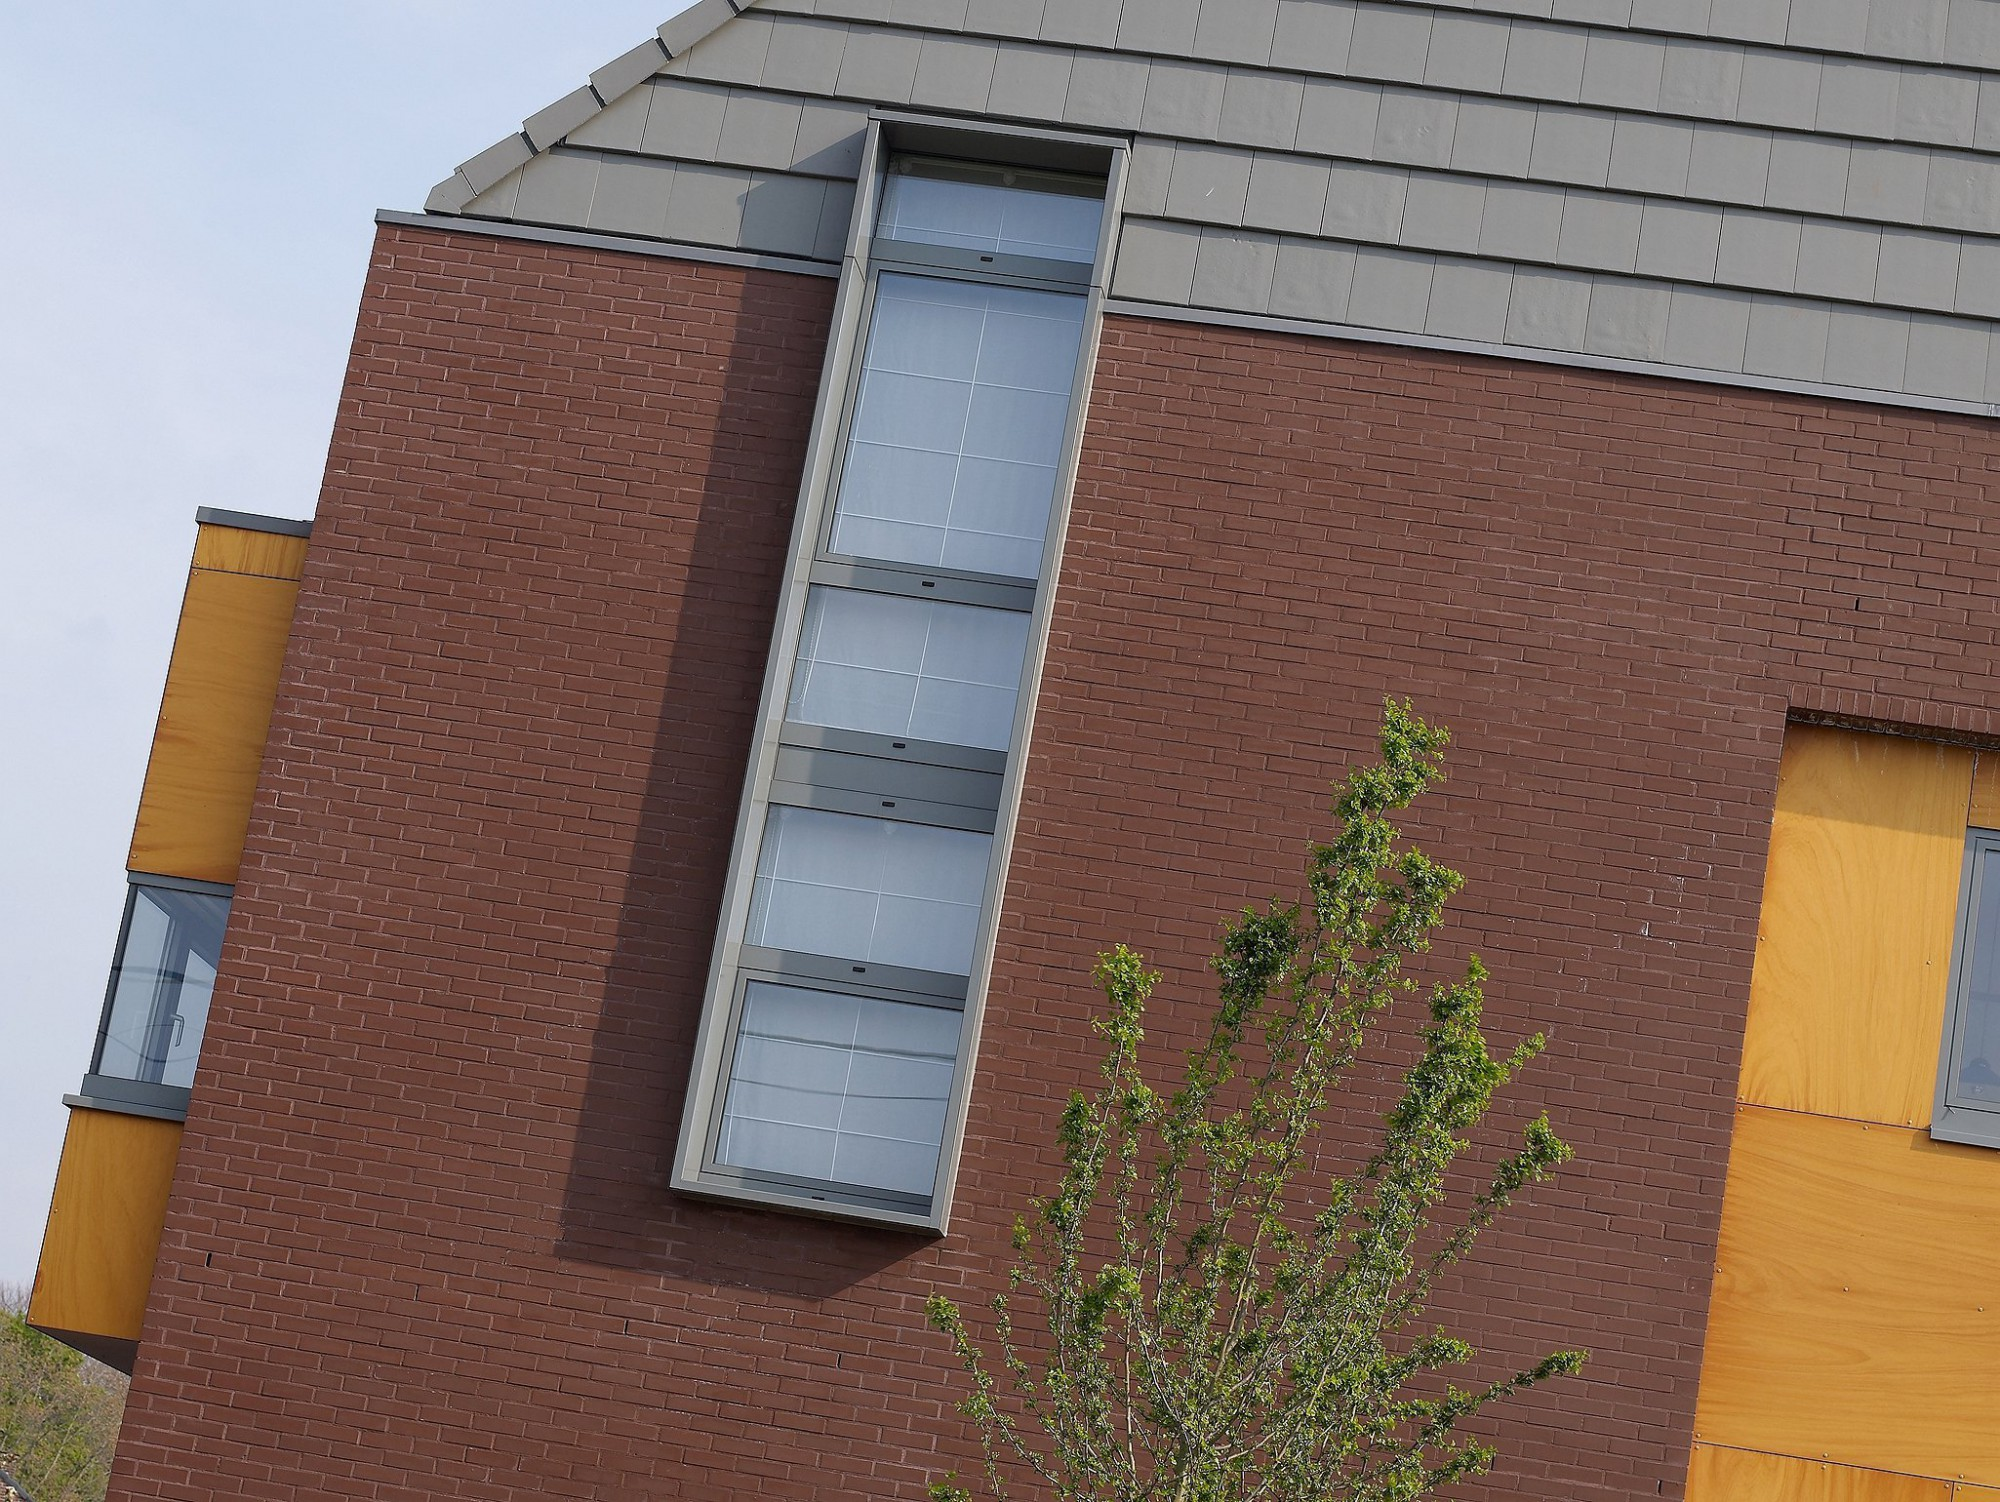 Afbeelding: Architectuur fotografie, detail uit moderne woning te Brecht, voor © architect Bert Verbeek.